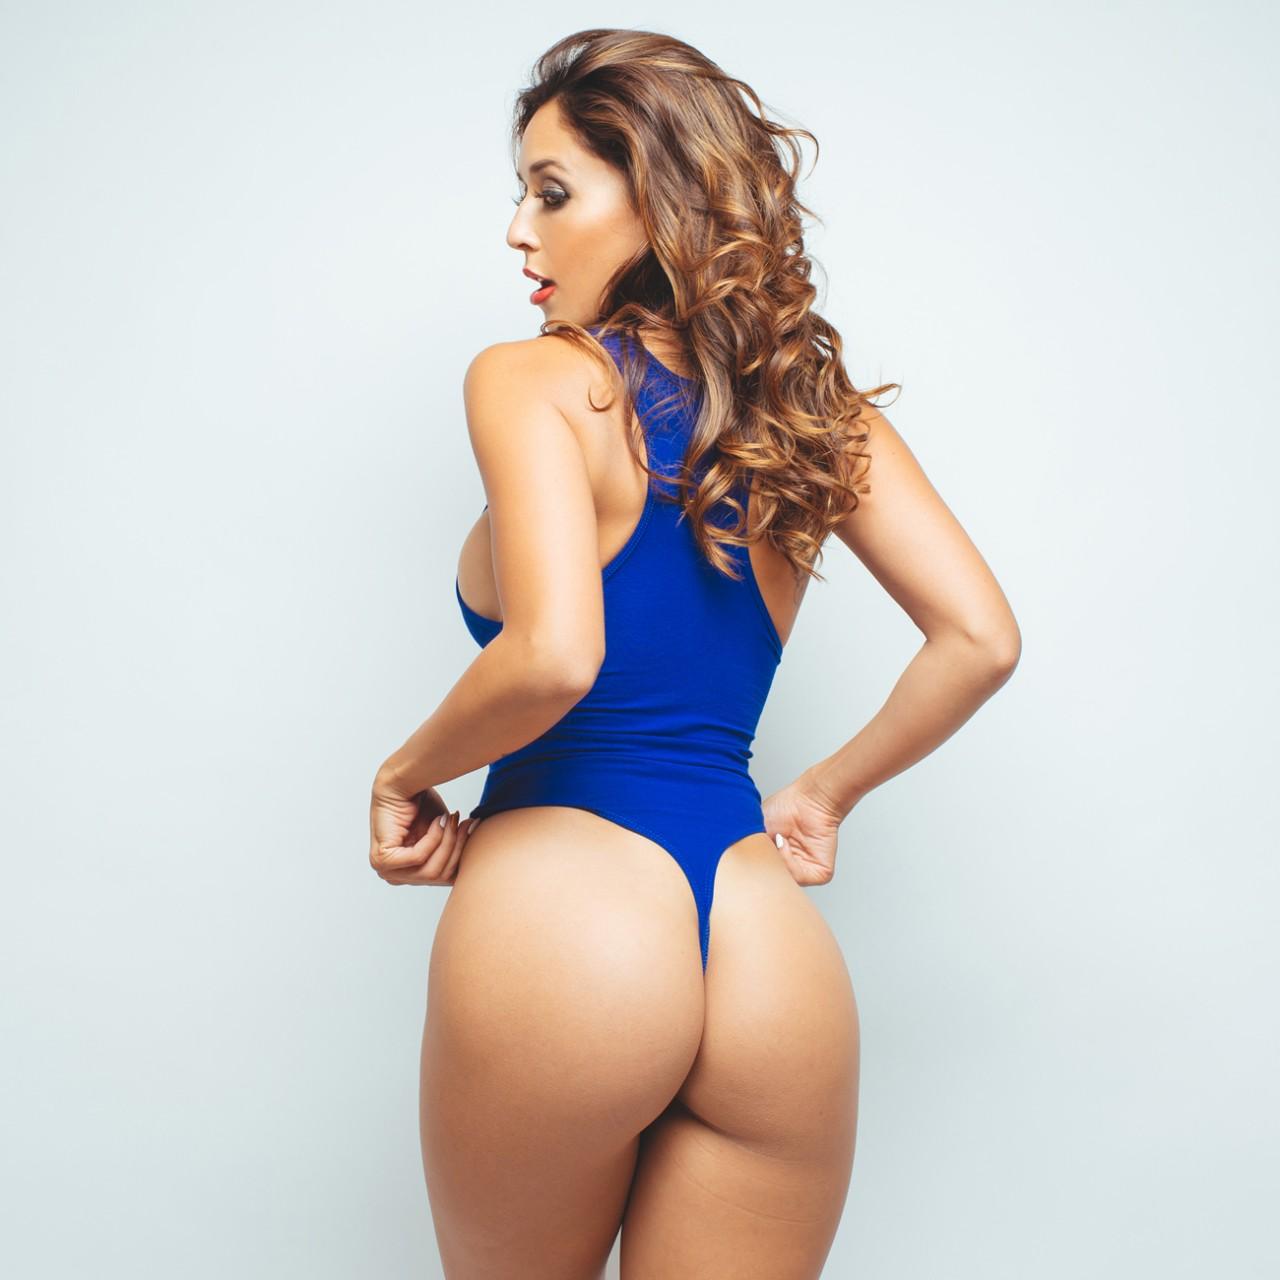 Dsc - Tianna Gregory Hot Ass , HD Wallpaper & Backgrounds